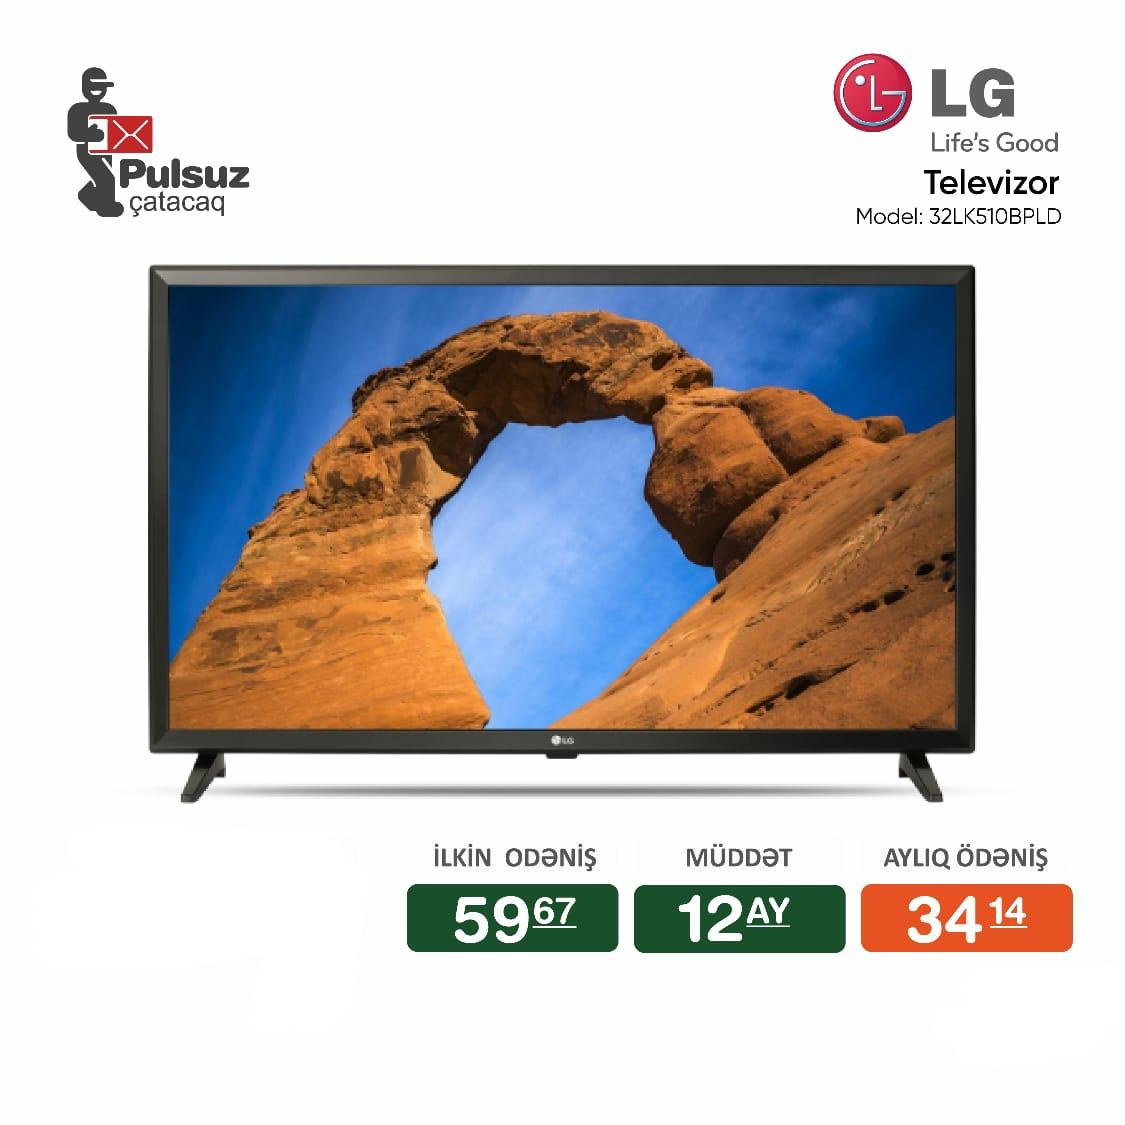 Televizor LG (81 sm) Smart: Yoxdur Tip: LED Nağd alışda